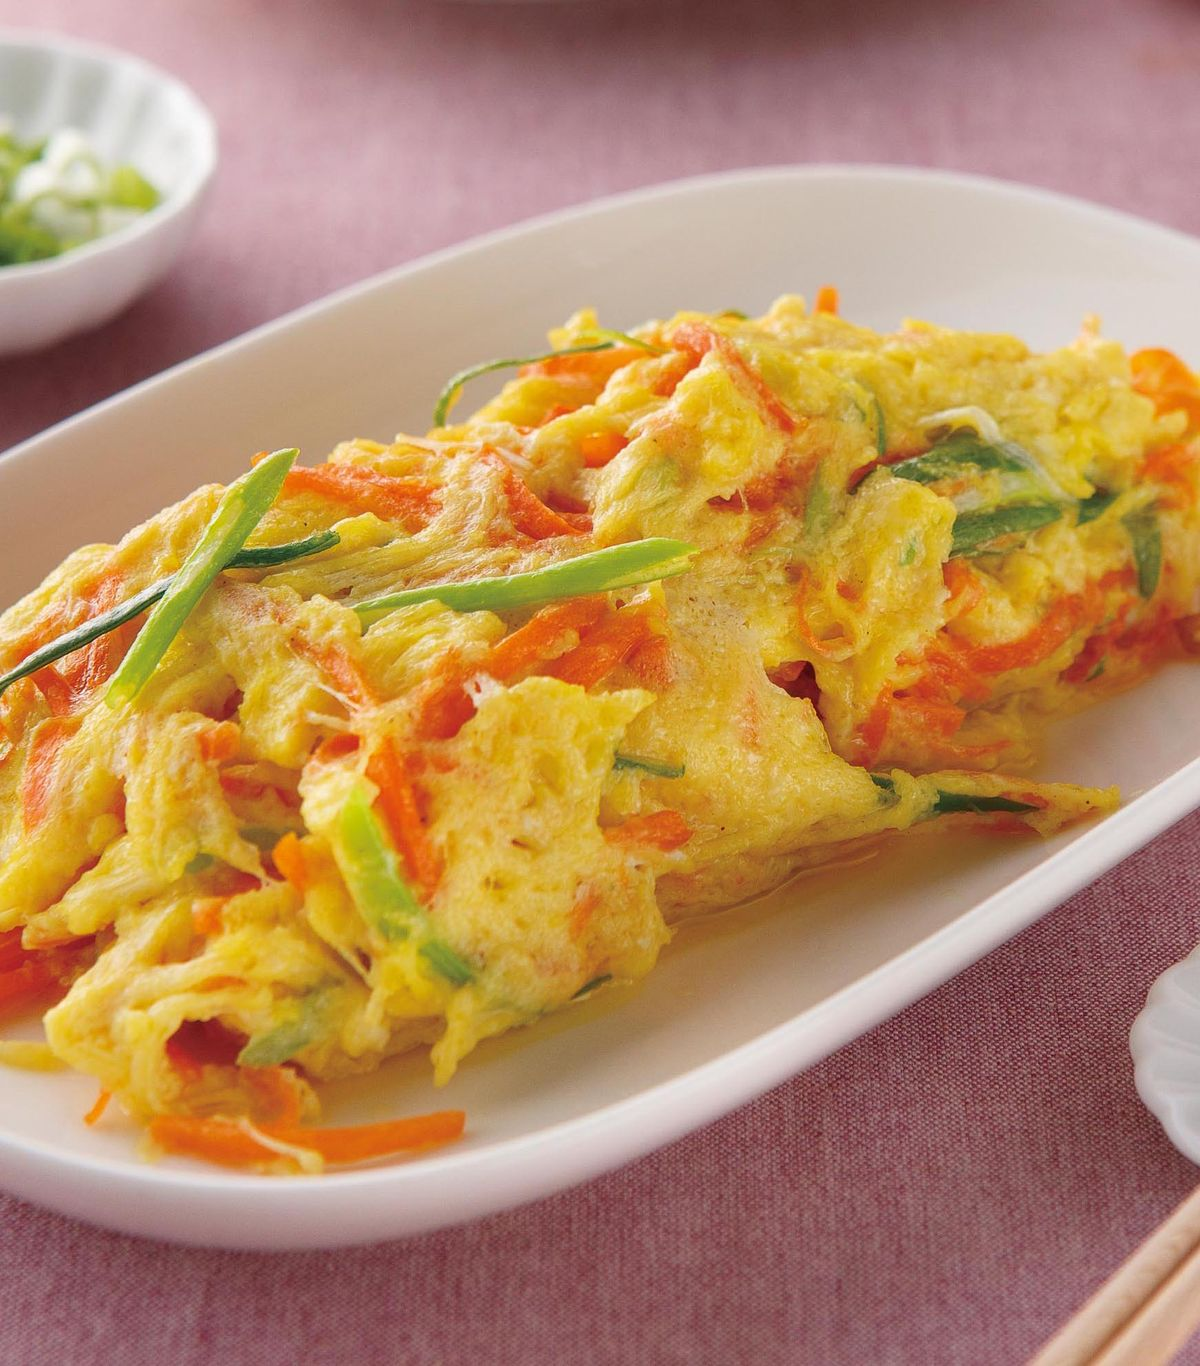 食譜:胡蘿蔔炒蛋